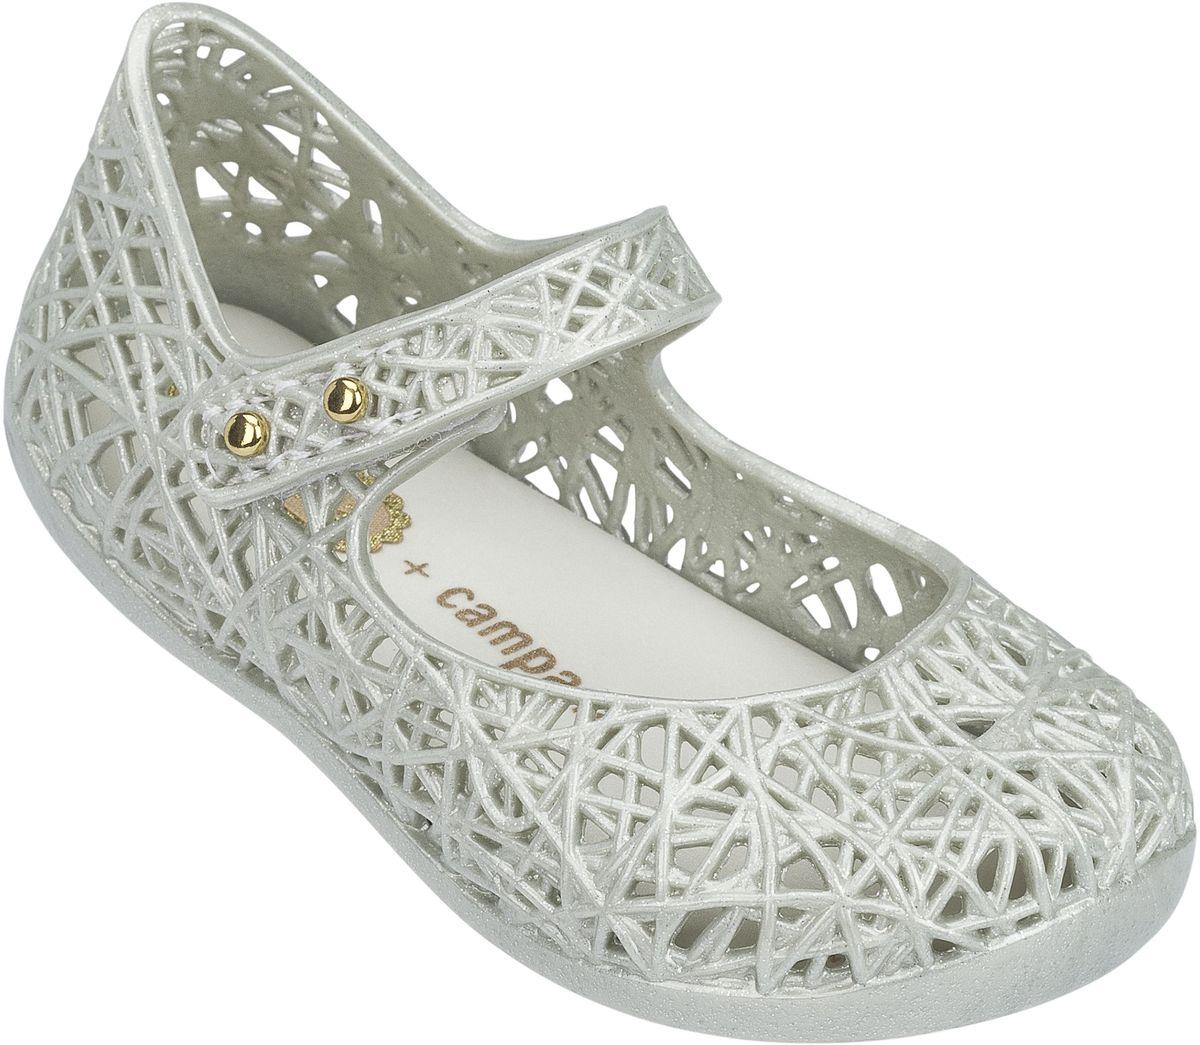 Туфли31510-3872Прелестные туфли Campana Zig Zag VI BB от Melissa придутся по душе вашей девочке. Модель выполнена из поливинилхлорида и оформлена декоративной перфорацией. Ремешок с застежкой-липучкой надежно зафиксирует модель на ноге. Подошва с рифлением гарантирует идеальное сцепление с любой поверхностью. Особенность данной модели в том, что она обладает приятным ароматом. Такие туфли станут прекрасным завершением летнего образа вашей девочки.